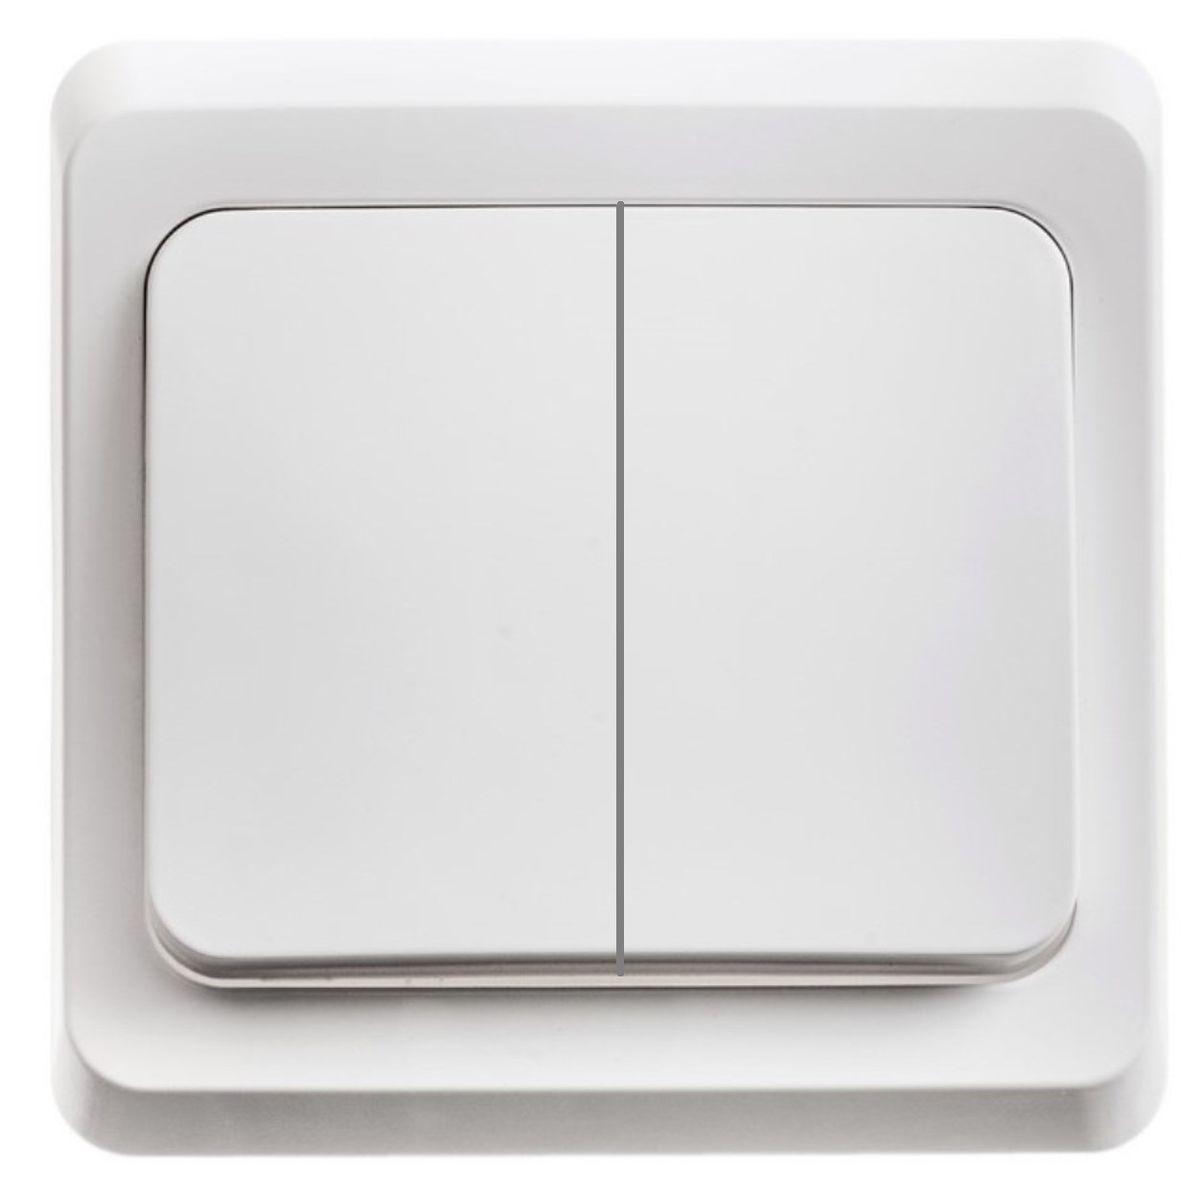 """Выключатель Schneider Electric """"Этюд"""", двойной, цвет: белый. BC10-002"""